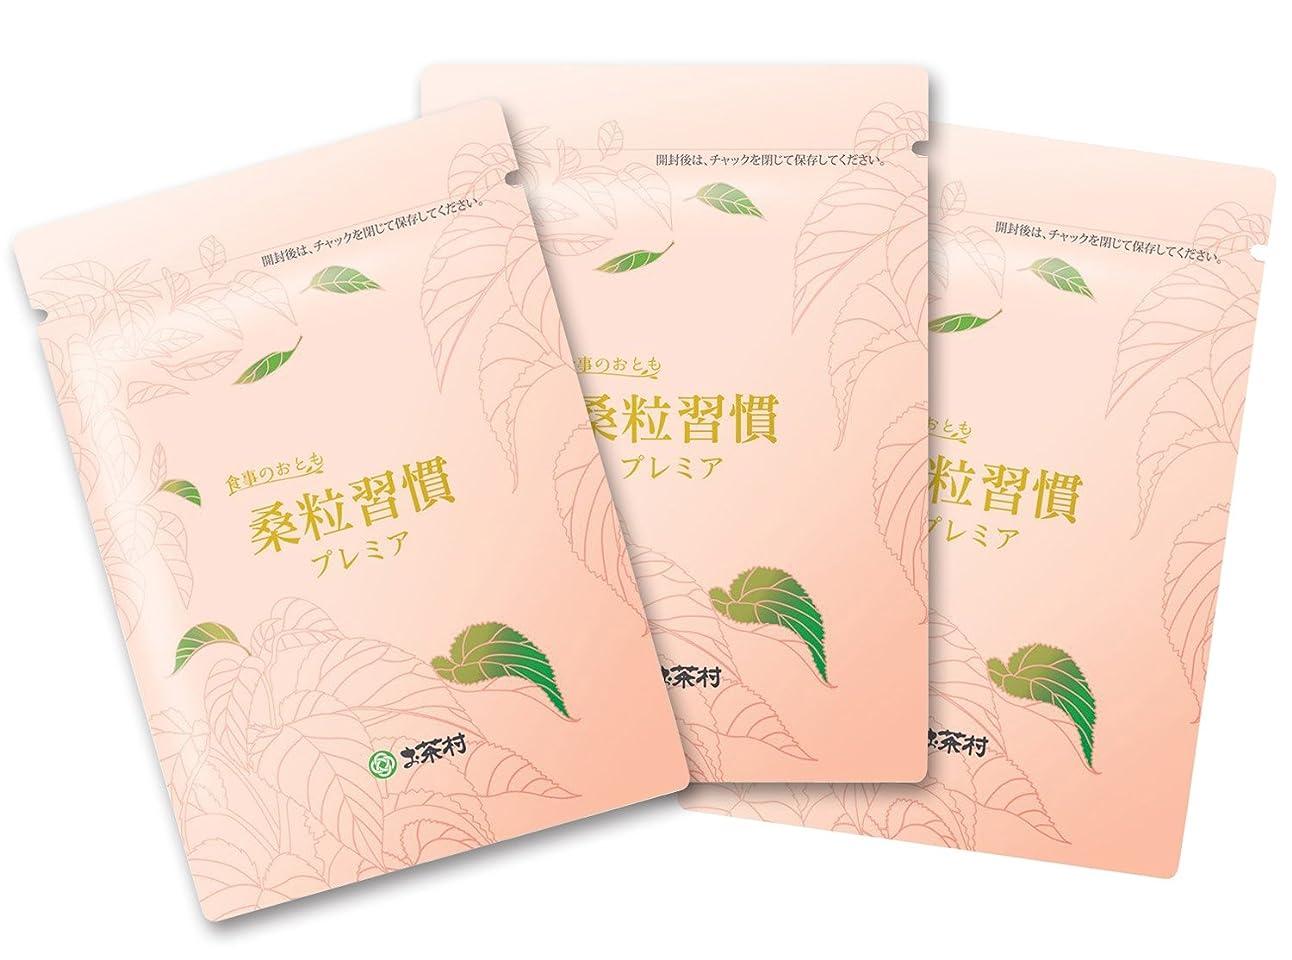 基本的な可愛いメディカルお茶村 食事のおとも 桑粒習慣 プレミア(220mg×180粒) 3袋セット